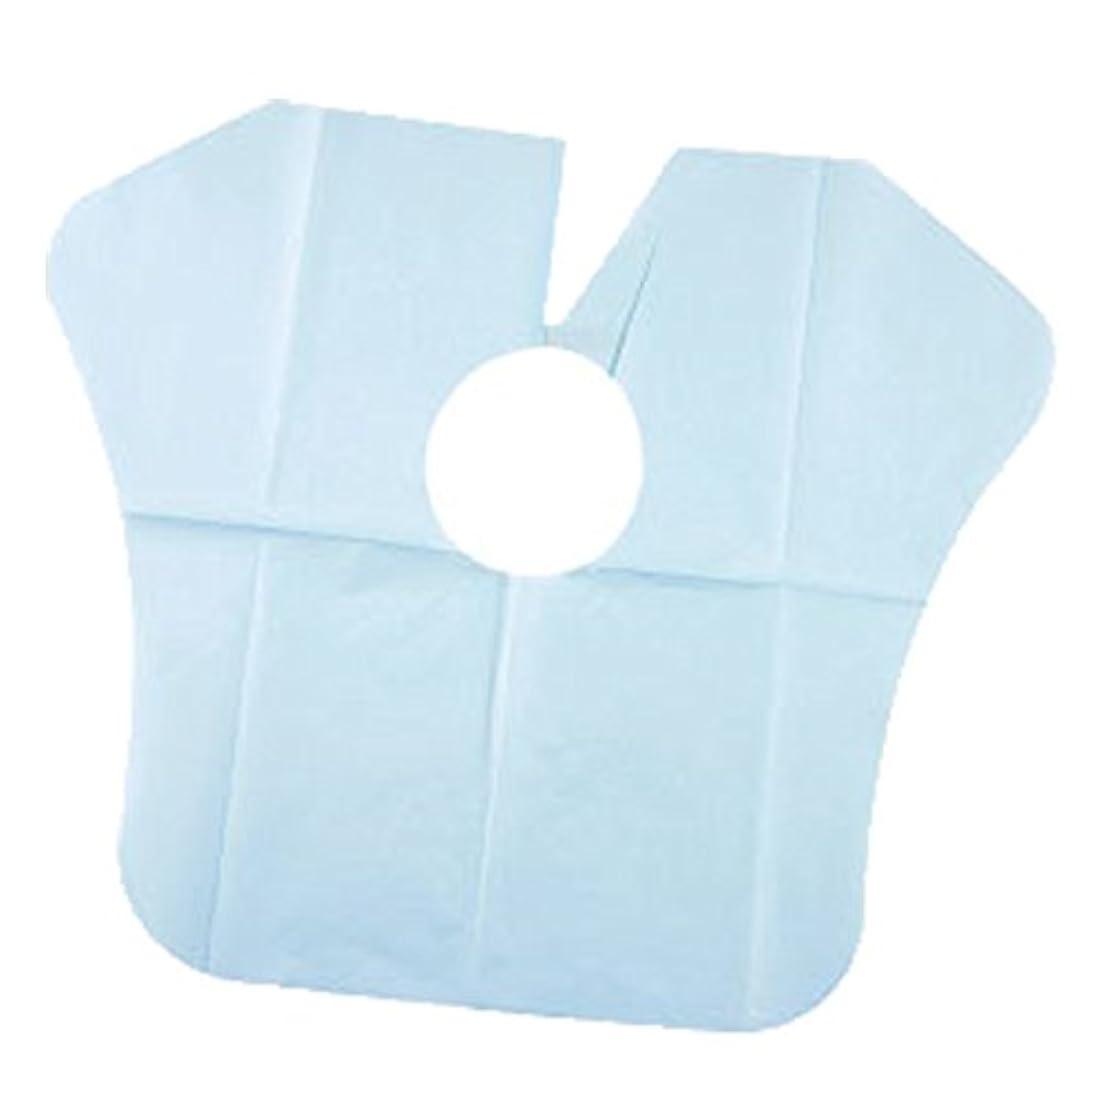 デッドロック水分プレートヨネコ ペーパーケープ 30枚入 不織布 ヘアダイクロスを汚れから守ります! YONECO